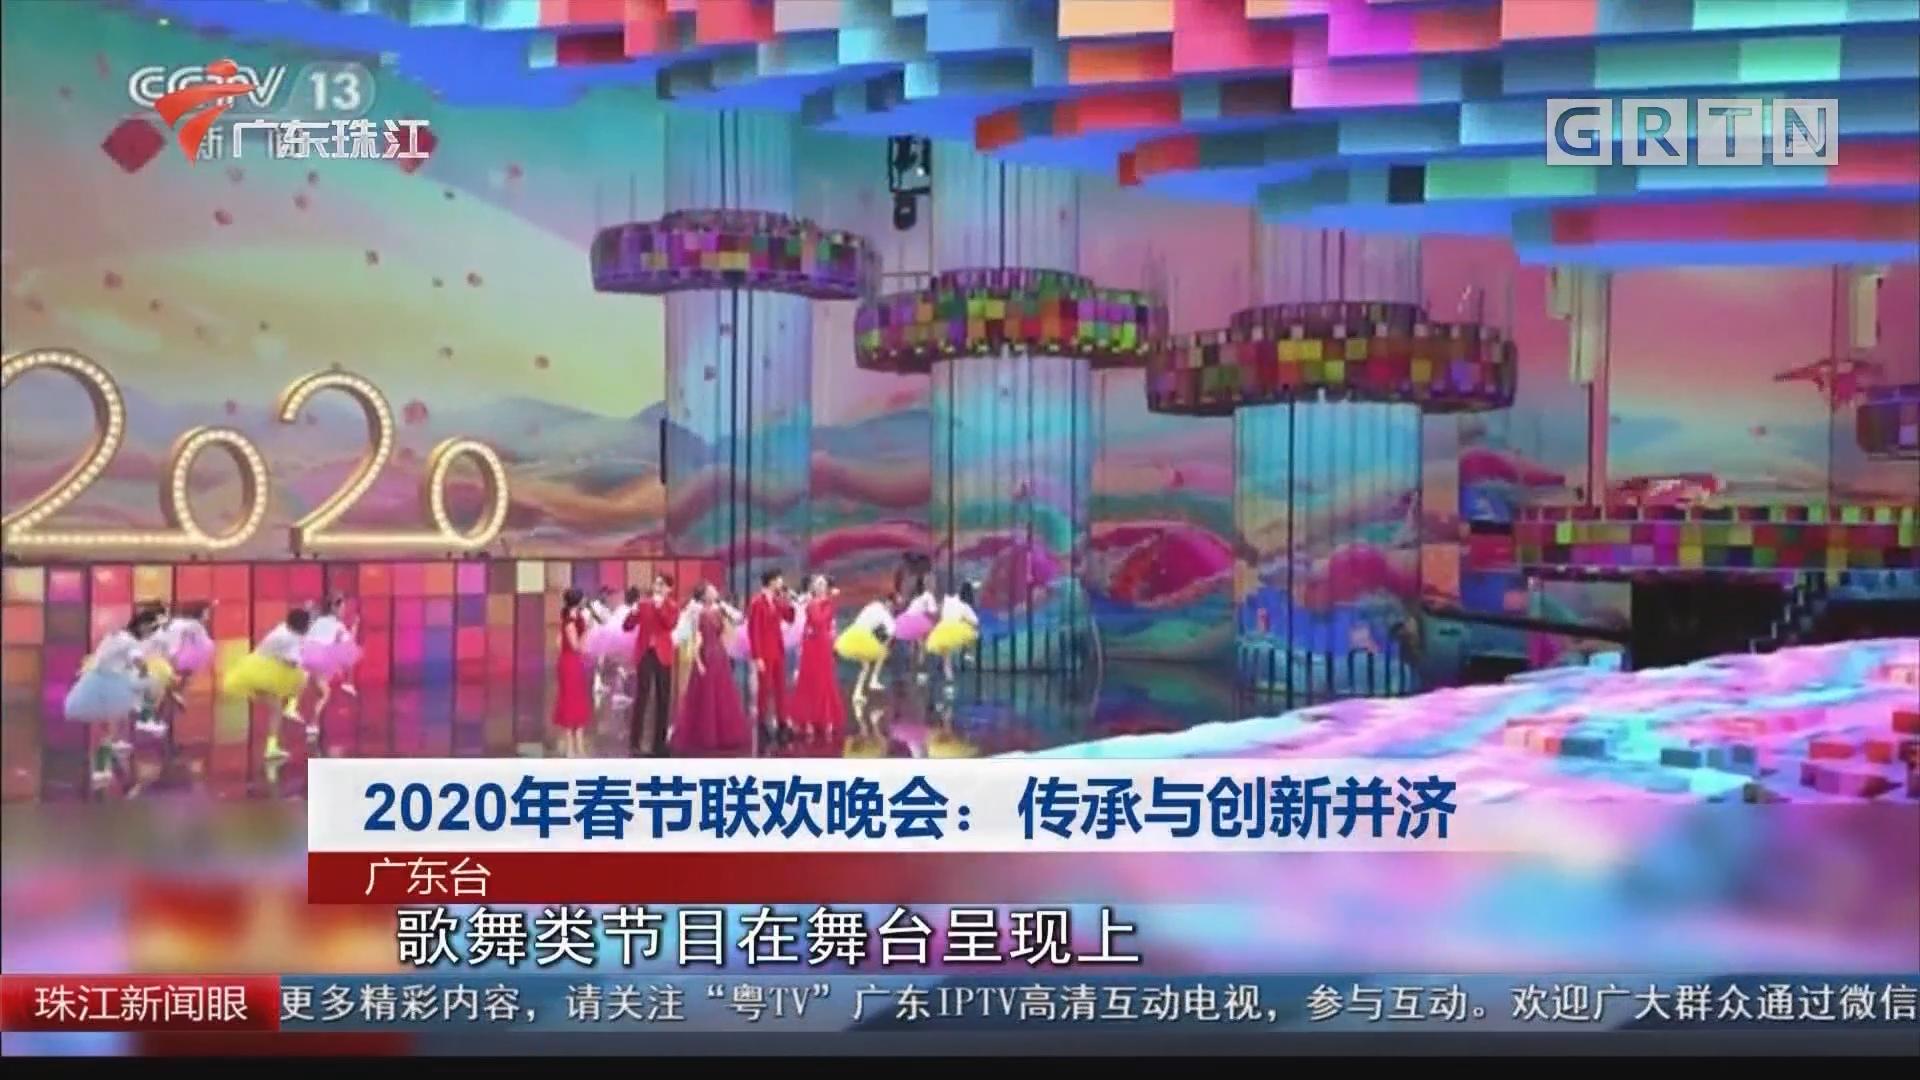 2020年春节联欢晚会:传承与创新并济